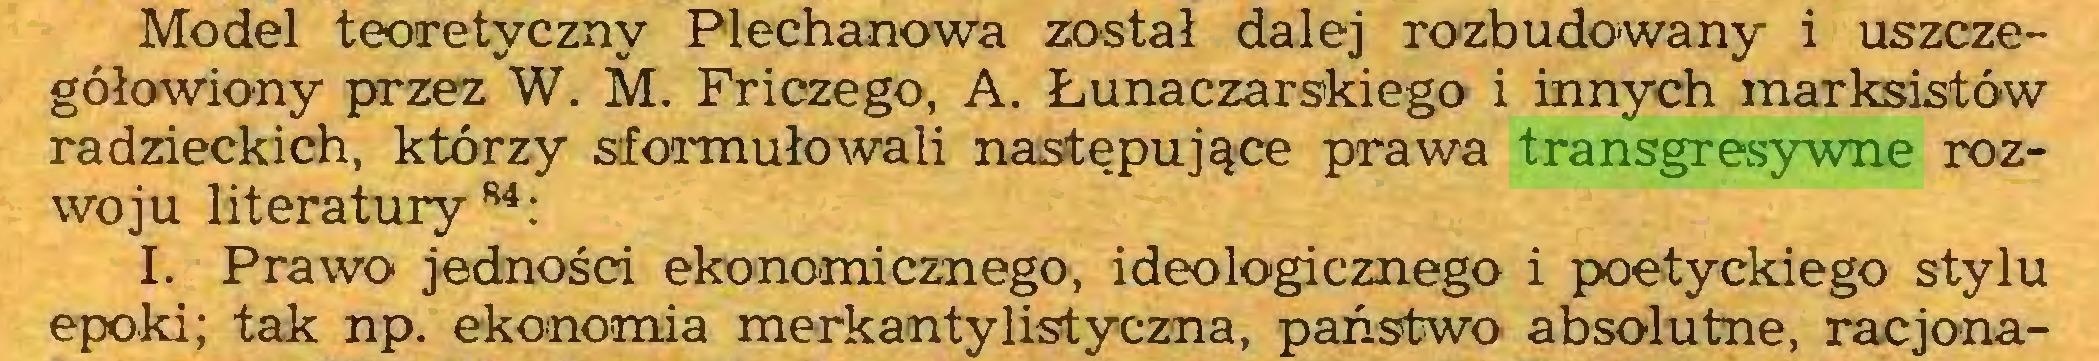 (...) Model teoretyczny Plechanowa został dalej rozbudowany i uszczegółowiony przez W. M. Friczego, A. Łunaczarskiego i innych marksistów radzieckich, którzy sformułowali następujące prawa transgresywne rozwoju literatury84: I. Prawo jedności ekonomicznego, ideologicznego i poetyckiego stylu epoki; tak np. ekonomia merk anty list yczna, państwo absolutne, racjona...